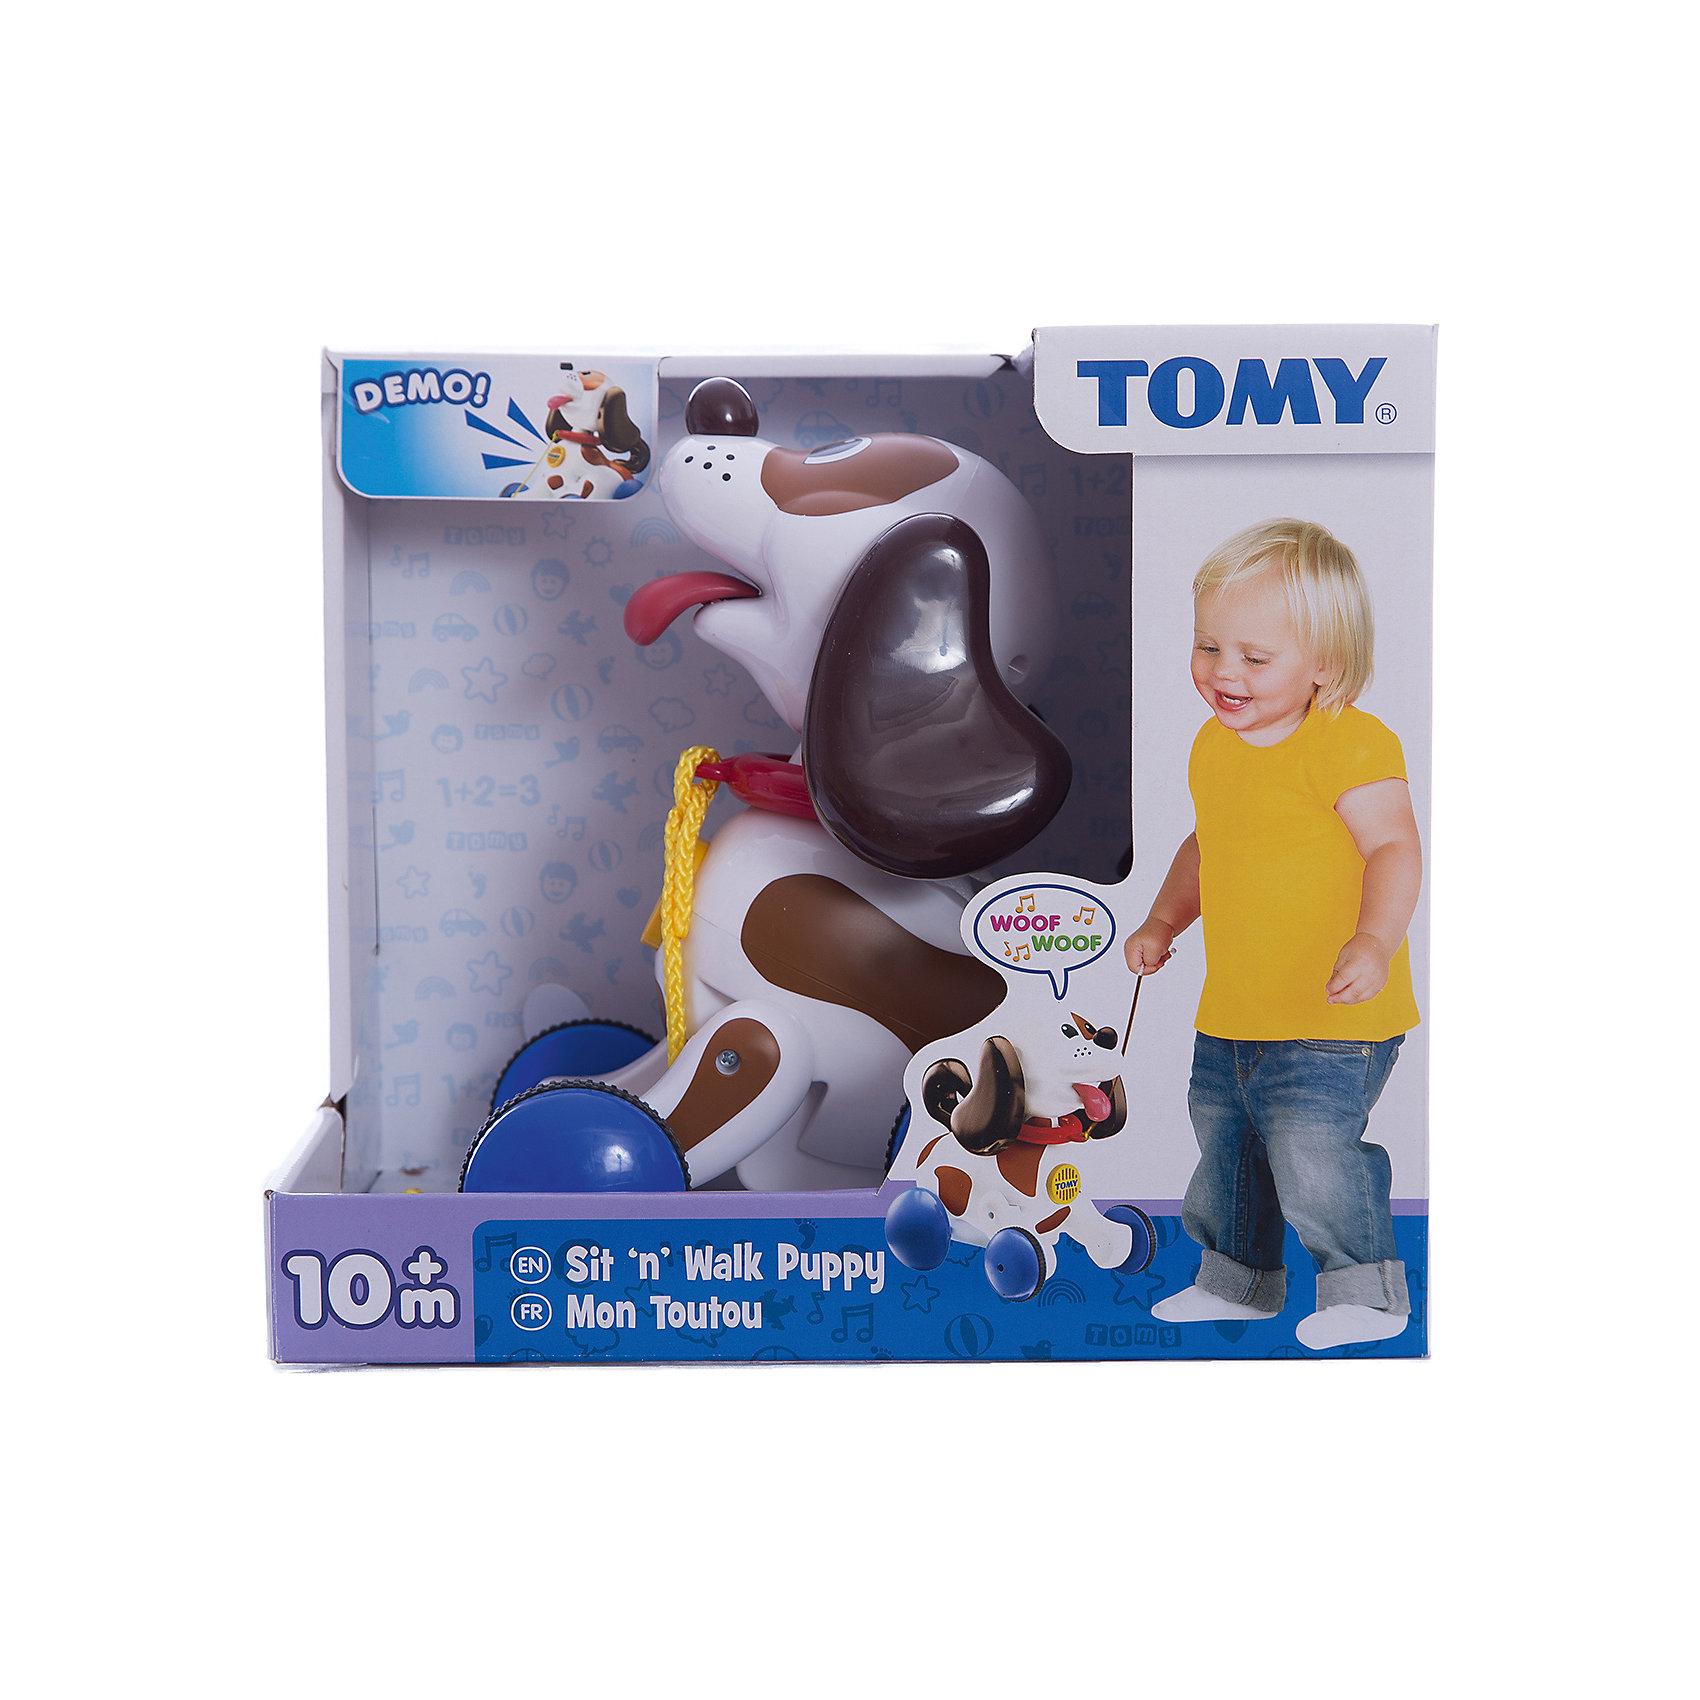 Развивающая игрушка-каталка Щенок, TOMYИгрушки-каталки<br>Великолепная развивающая игрушка-каталка Щенок от известного бренда TOMY (Томи) идеально подойдёт Вашему малышу для прогулок!<br><br>Если Ваш малыш потянет за верёвочку, щенок начнёт задорно лаять, следуя за малышом.<br><br>Игрушка-собачка ведёт себя почти как живая! Если ребёнок будет катать её очень долго, она начнет жалобно скулить.<br><br>Кроме удовольствия, данная игрушка способствует развитию важных навыков у Вашего ребёнка в возрасте от 10 месяцев. У вашего малыша появиться желание много ходить, что повысит его активность, а также будет развиваться координация и пространственное мышление. И всё это таким простым непосредтвенным путём! Порадуйте Вашего малыша этим волшебным питомцем!<br><br>Дополнительная информация:<br>Материал: высококачественная пластмасса<br>Питание: батарейки 2 х АА (есть в комплекте)<br>Размер игрушки: 20 х 15 х 23 см<br>Размер упаковки: 31 х 20 х 25 см<br>Вес: 400 гр (с упаковкой)<br><br>Этого удивительного интерактивного друга Щенка от Томи Вы можете купить в нашем интернет-магазине.<br><br>Ширина мм: 266<br>Глубина мм: 297<br>Высота мм: 198<br>Вес г: 946<br>Возраст от месяцев: 10<br>Возраст до месяцев: 36<br>Пол: Унисекс<br>Возраст: Детский<br>SKU: 2001239